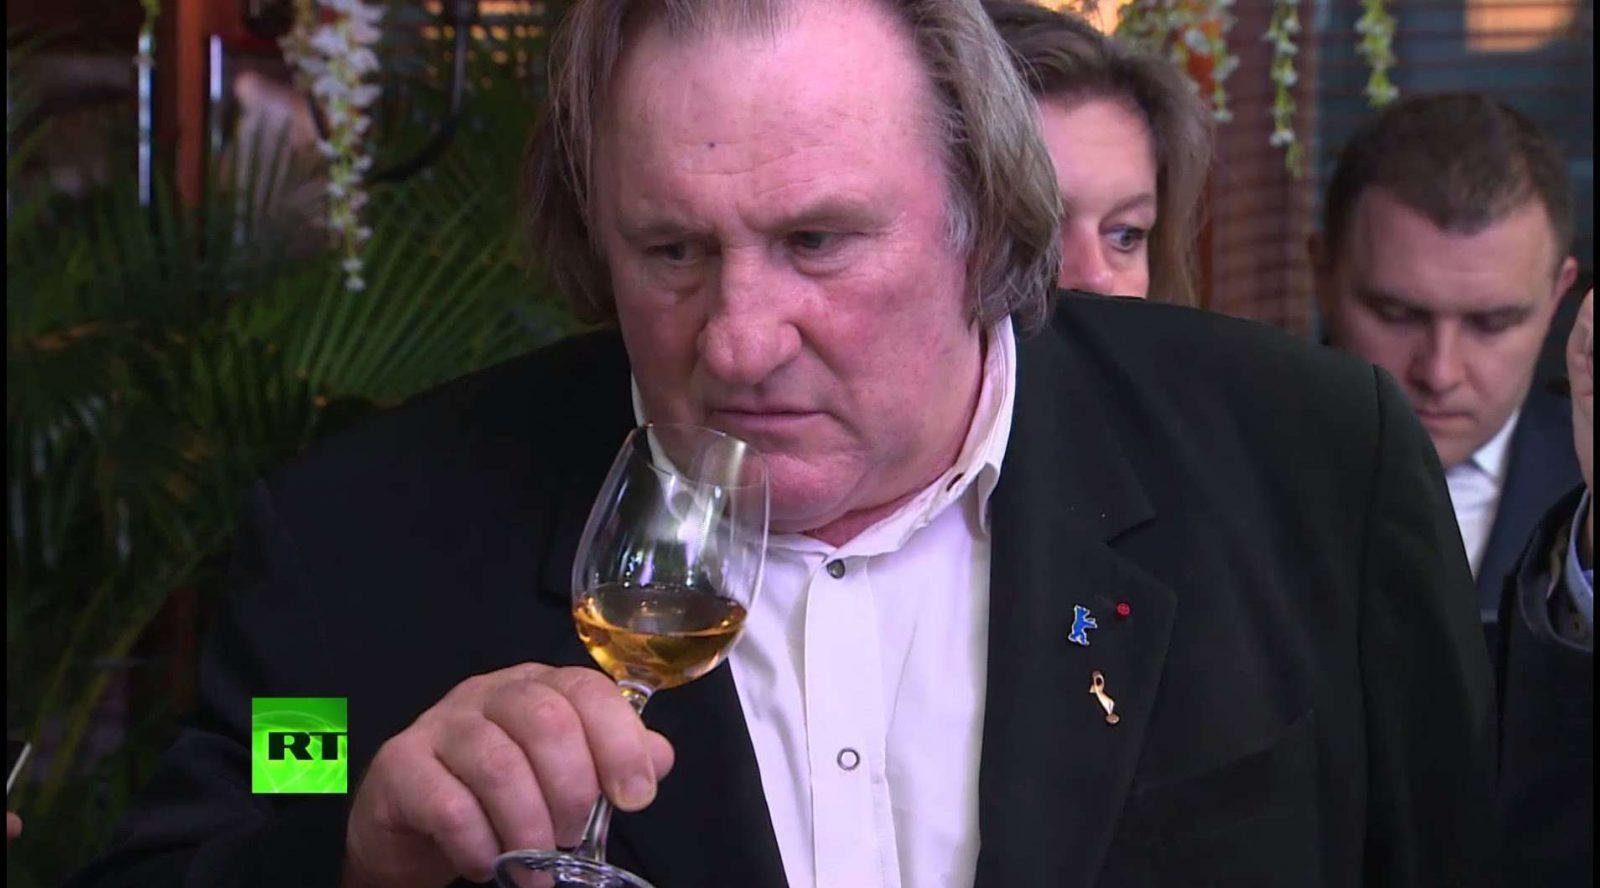 Krymas. Vyndariai aktoriui Žerarui Depardje padovanojo kolekcinį vyną, kurio amžius toks pats kaip ir aktoriaus